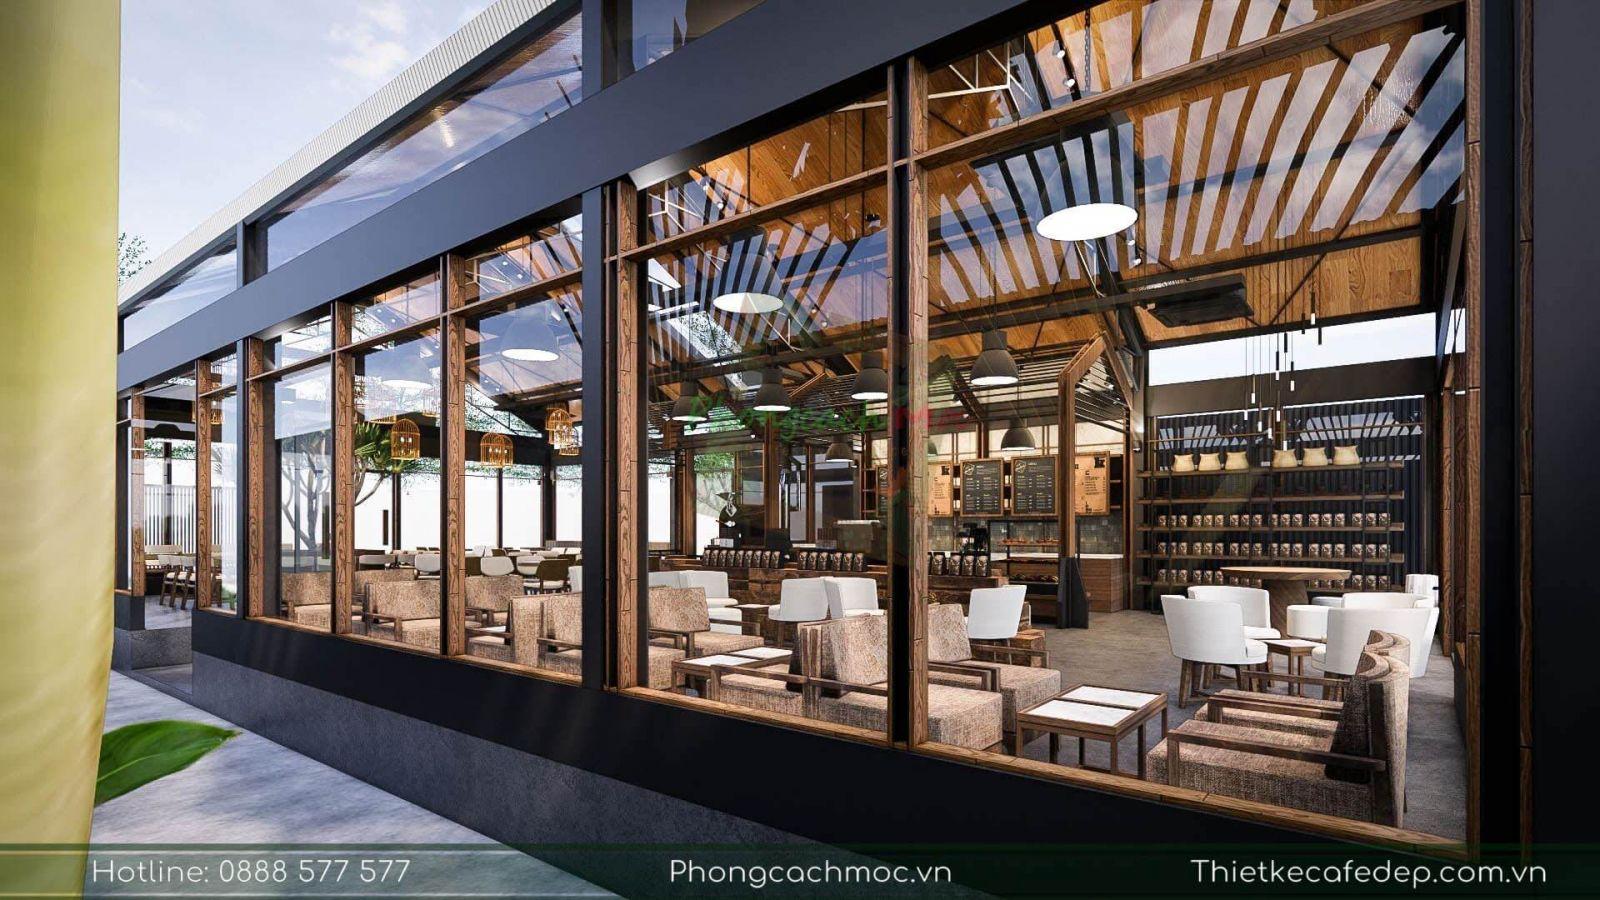 pcm thiết kế không gian nội thất quán cafe chủ đề industrial